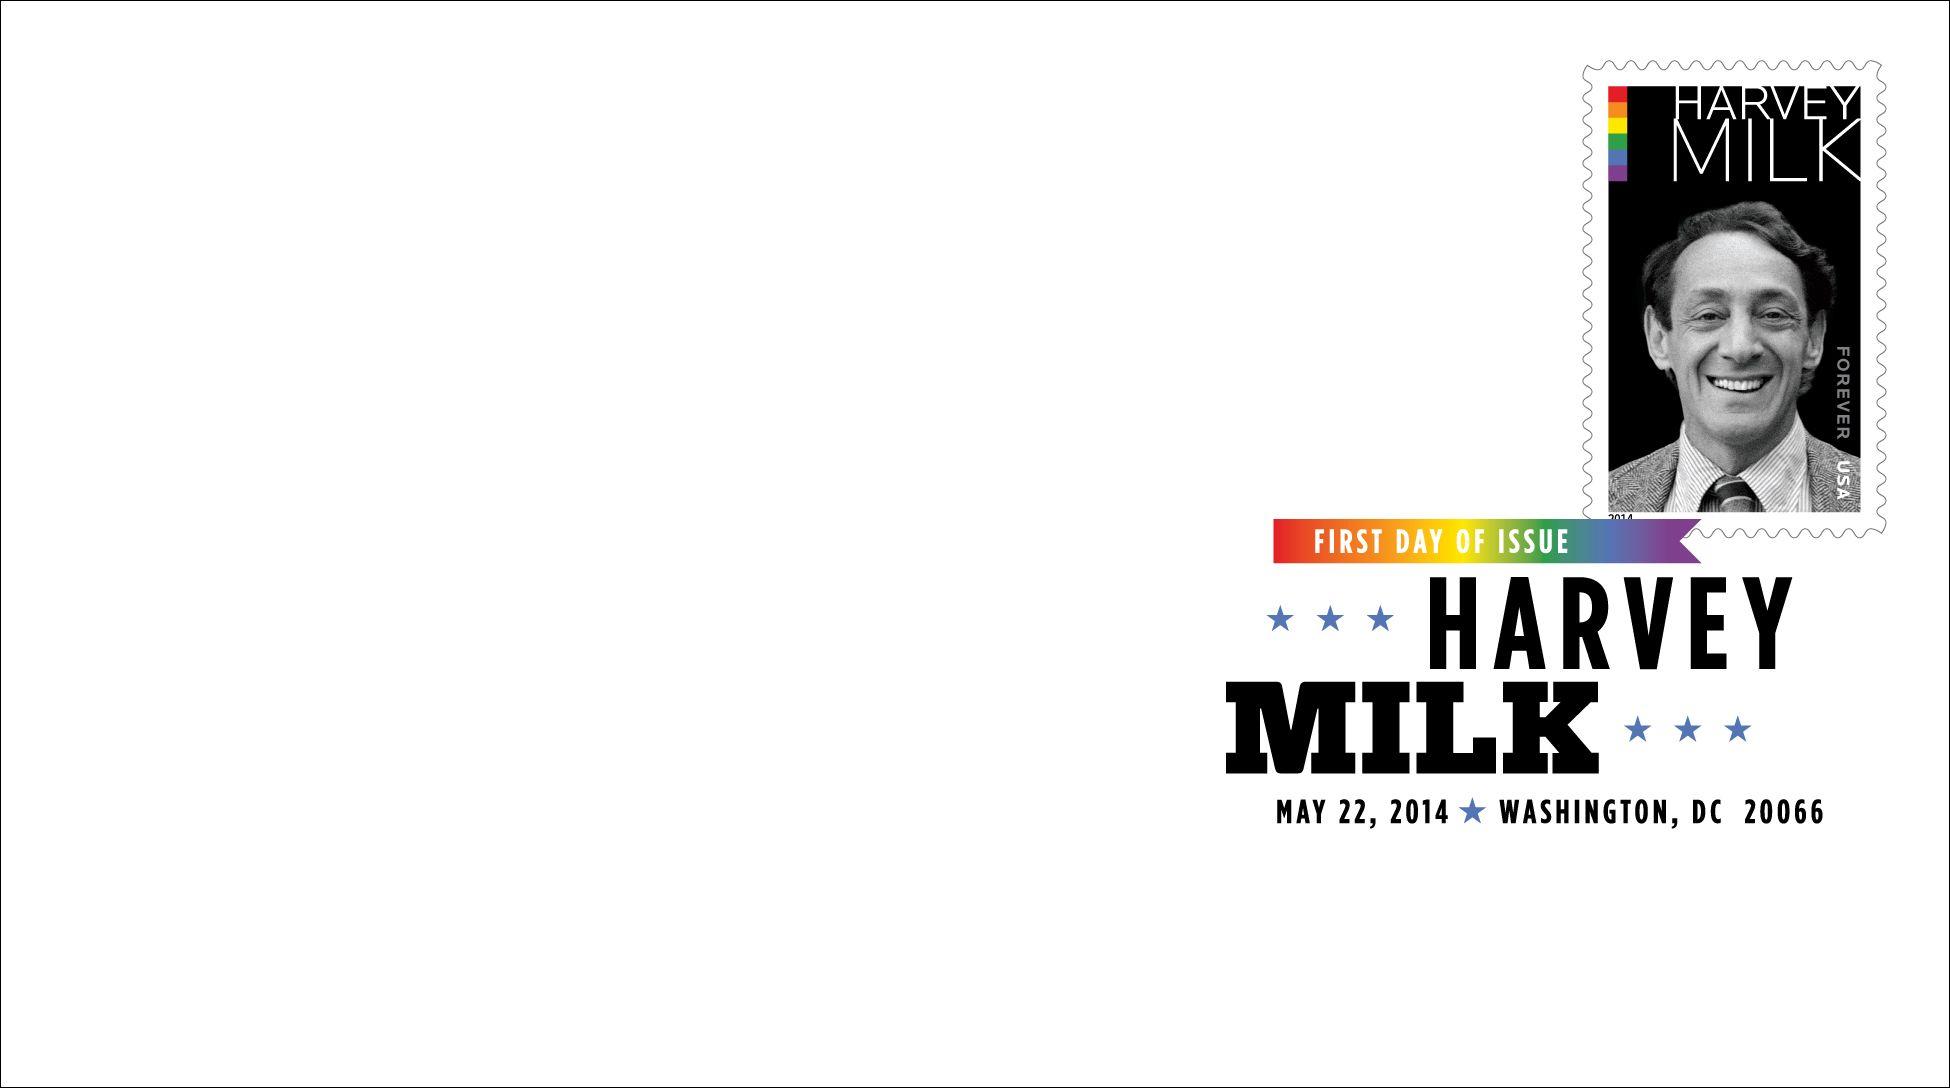 Harvey Milk, Forever® USPS Stamps Usps stamps, Harvey milk